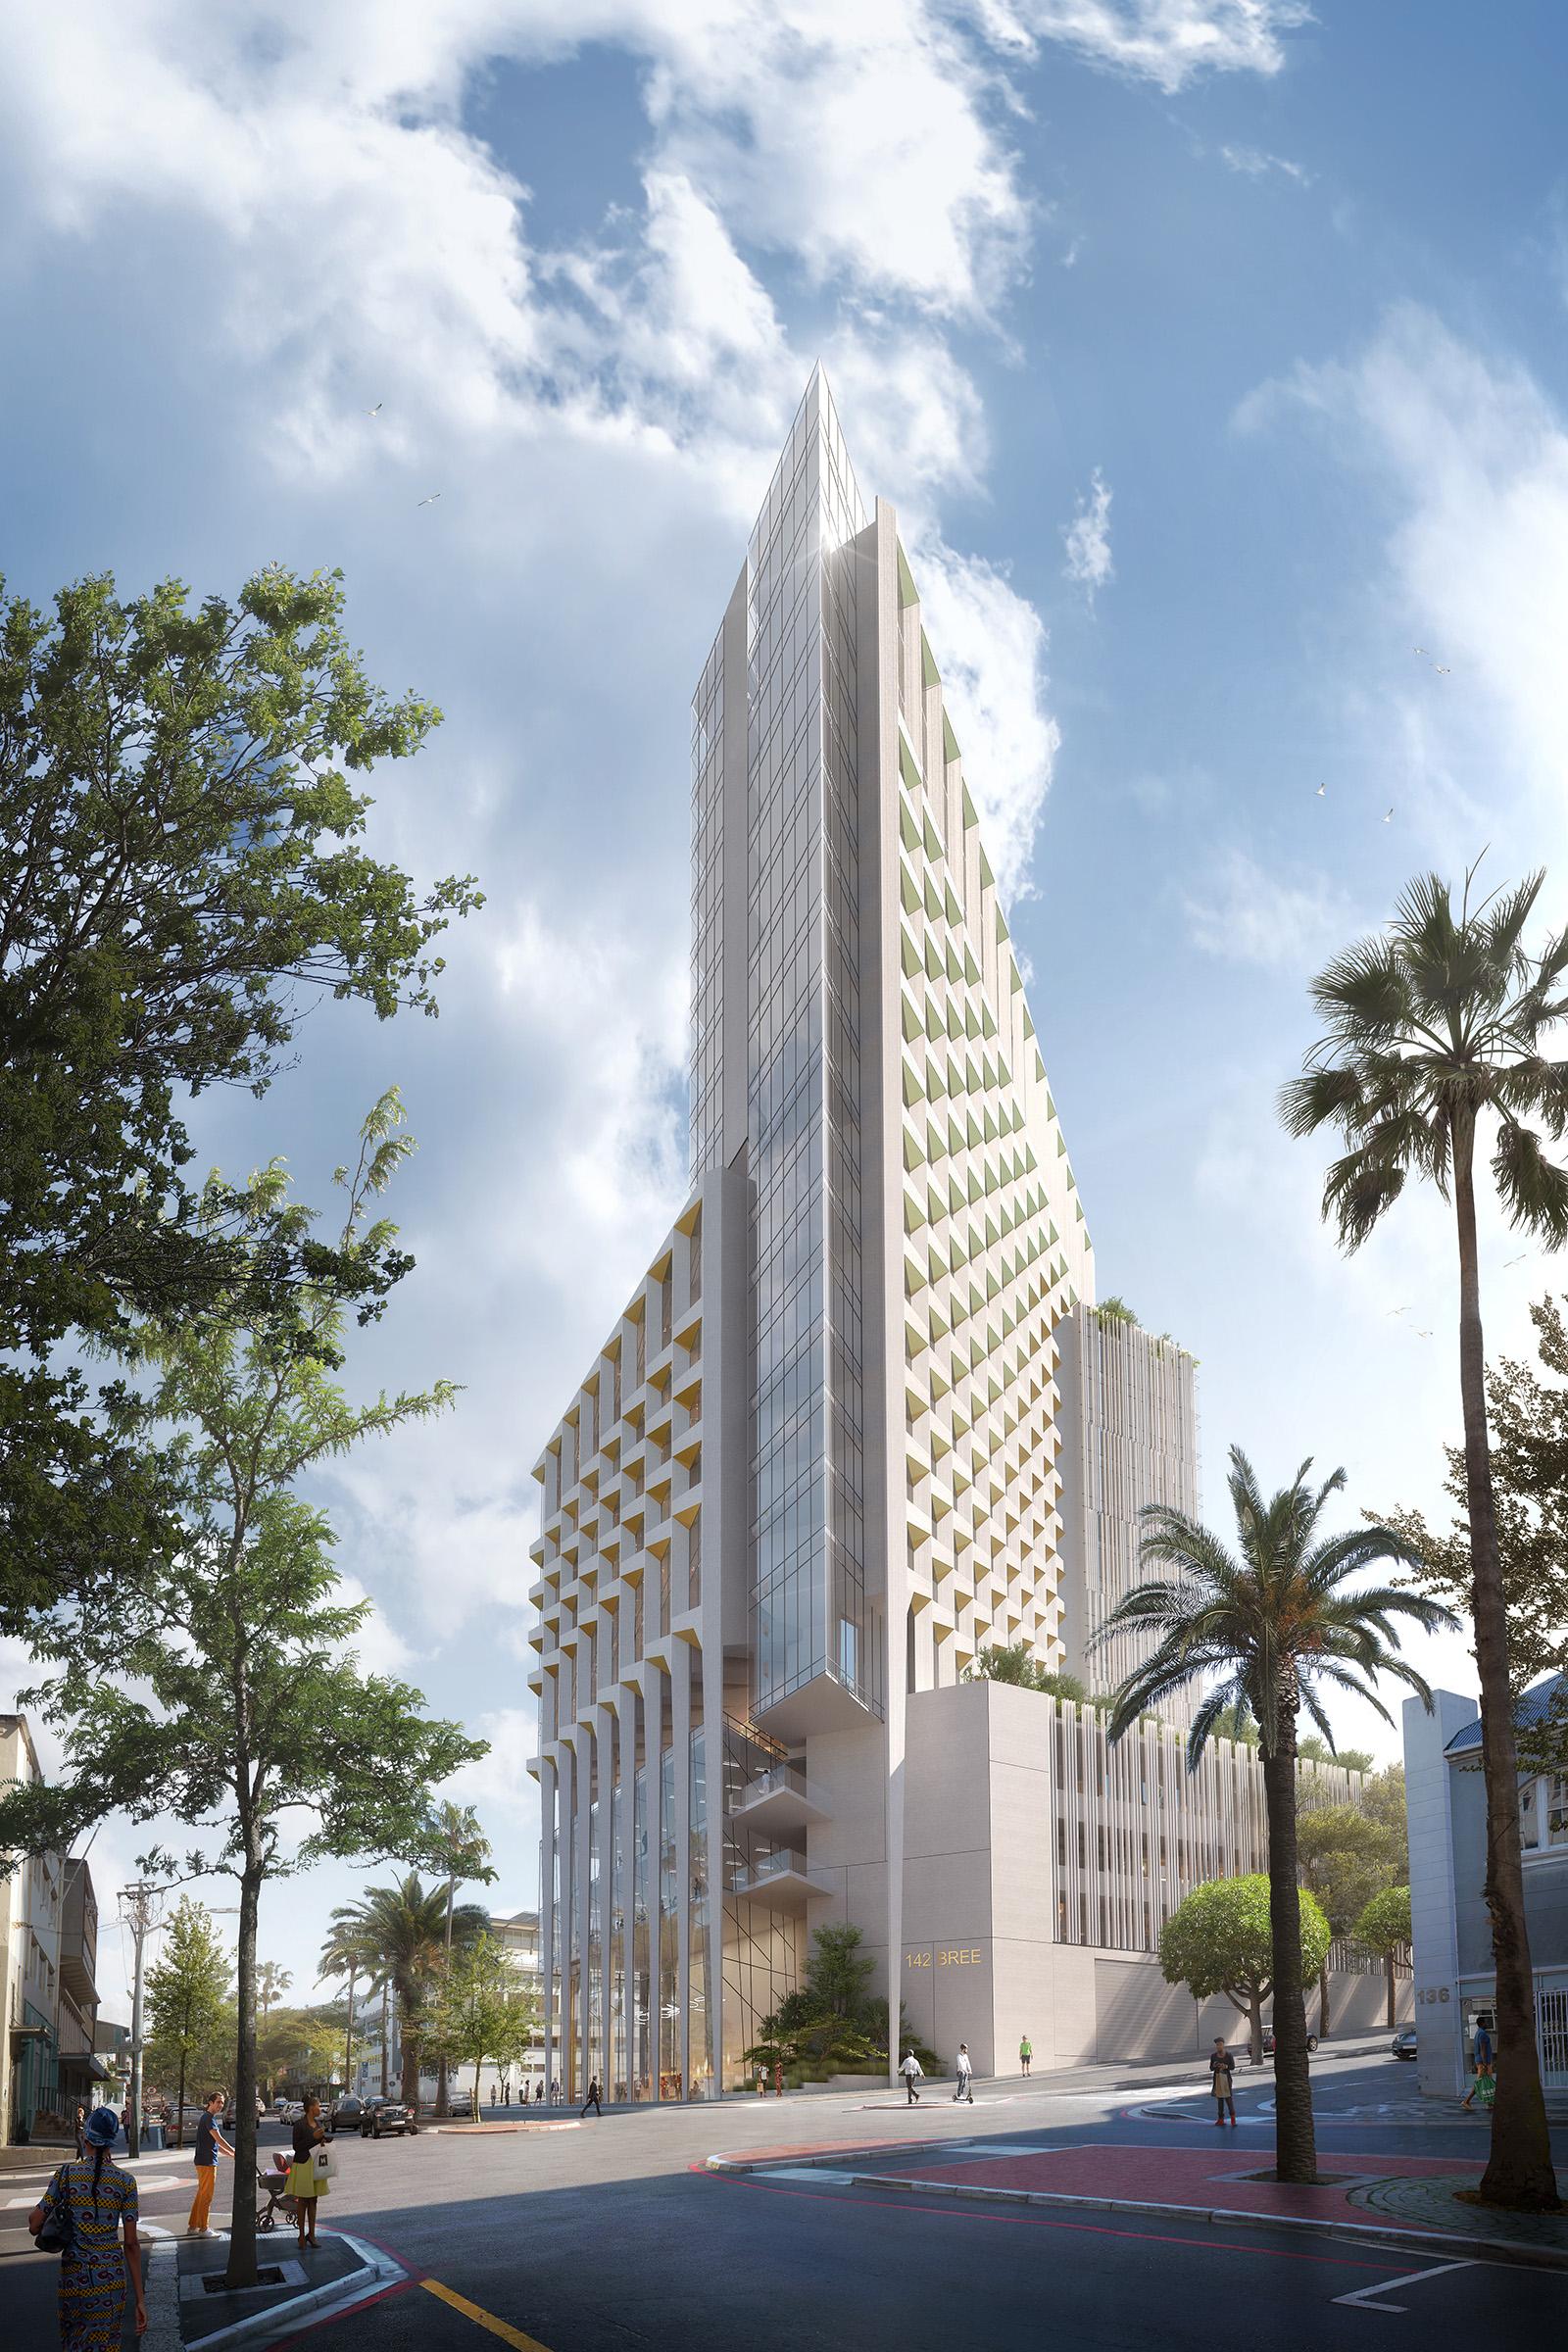 Illustration du futur hotel de Bree Street et de son architecture moderne